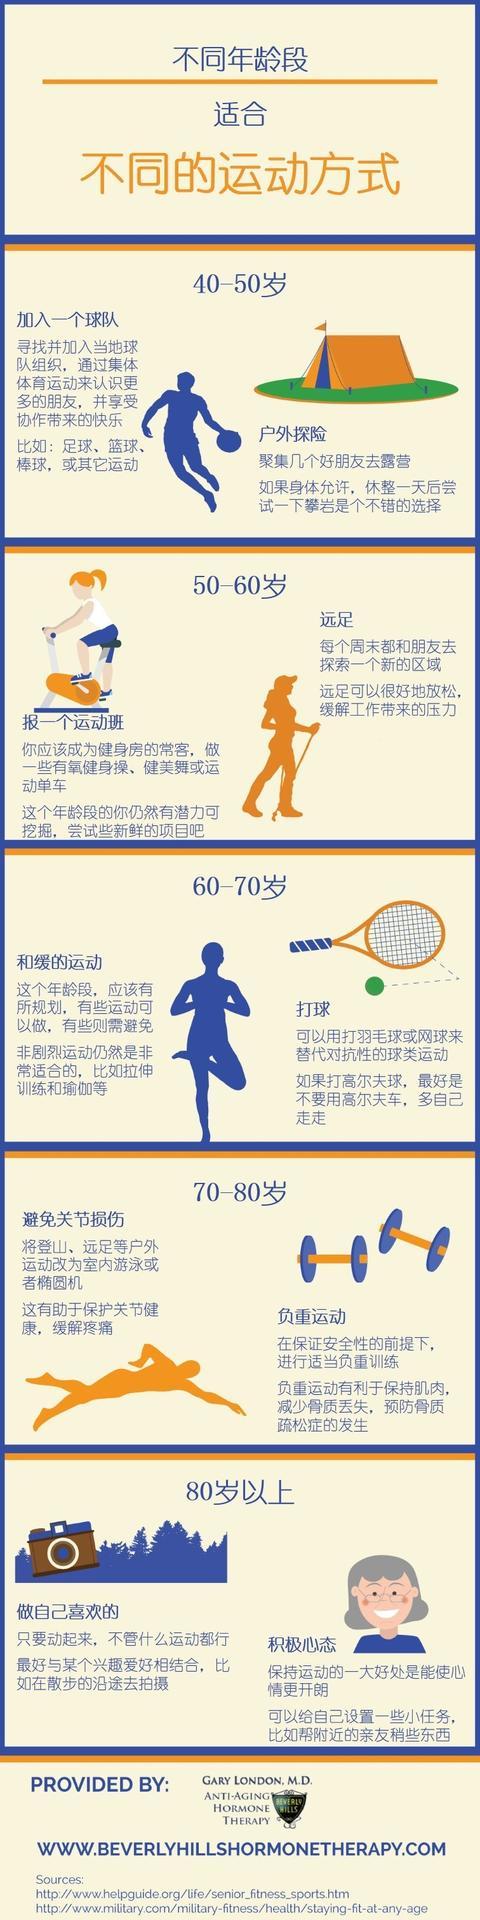 一图读懂:中老年各阶段运动建议